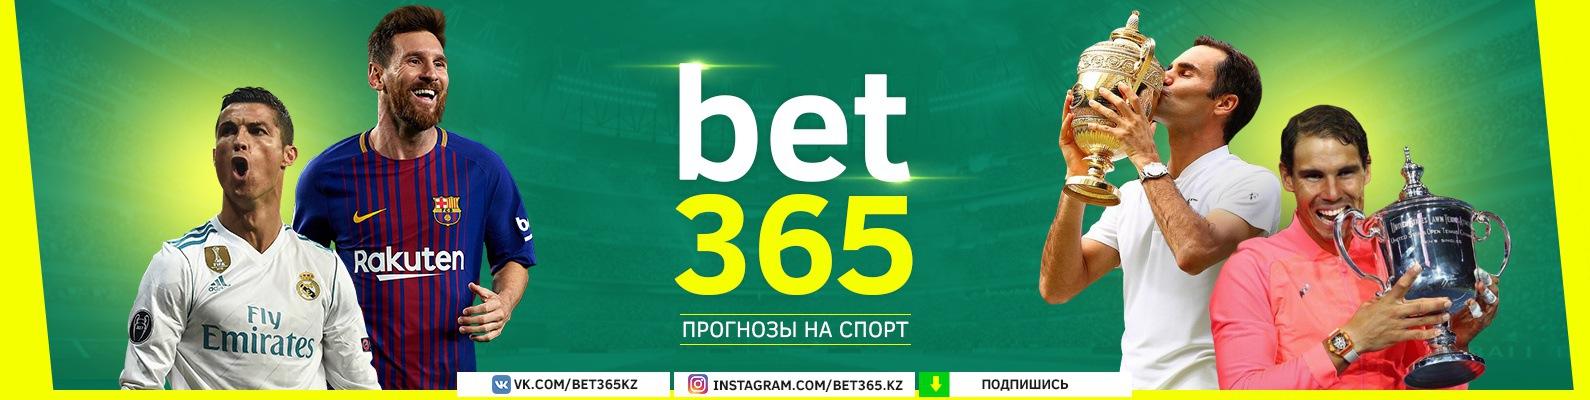 Спорт Прогнозы 365